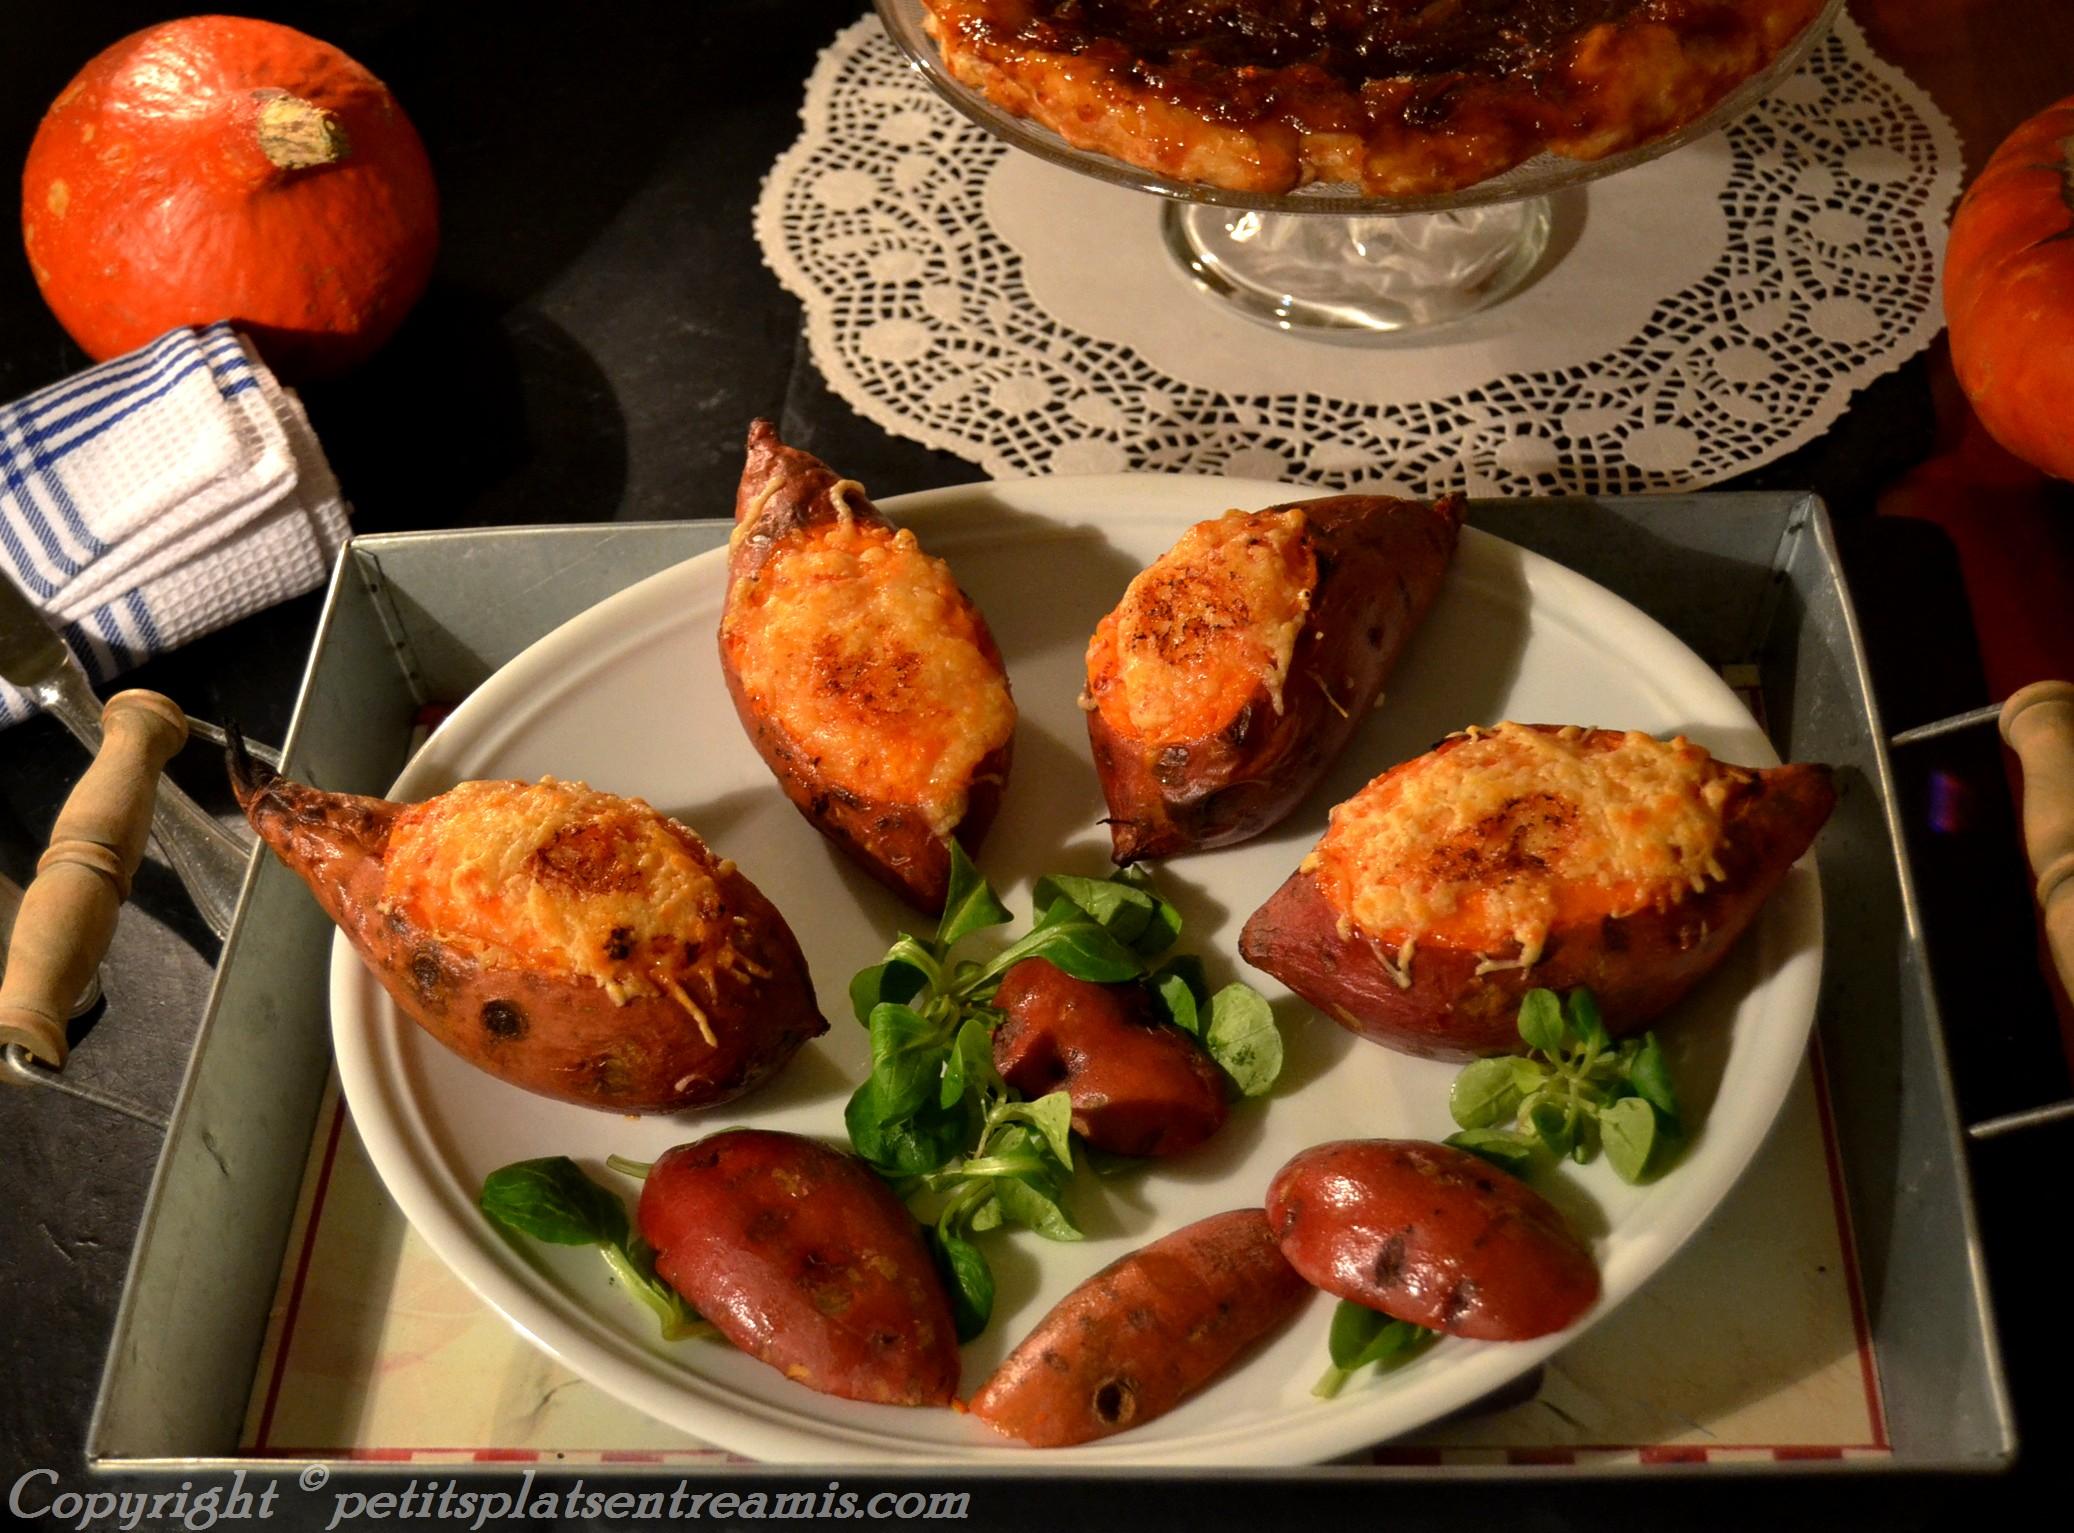 patate douce farcie de sa pur e trilogie de thanksgiving petits plats entre amis. Black Bedroom Furniture Sets. Home Design Ideas